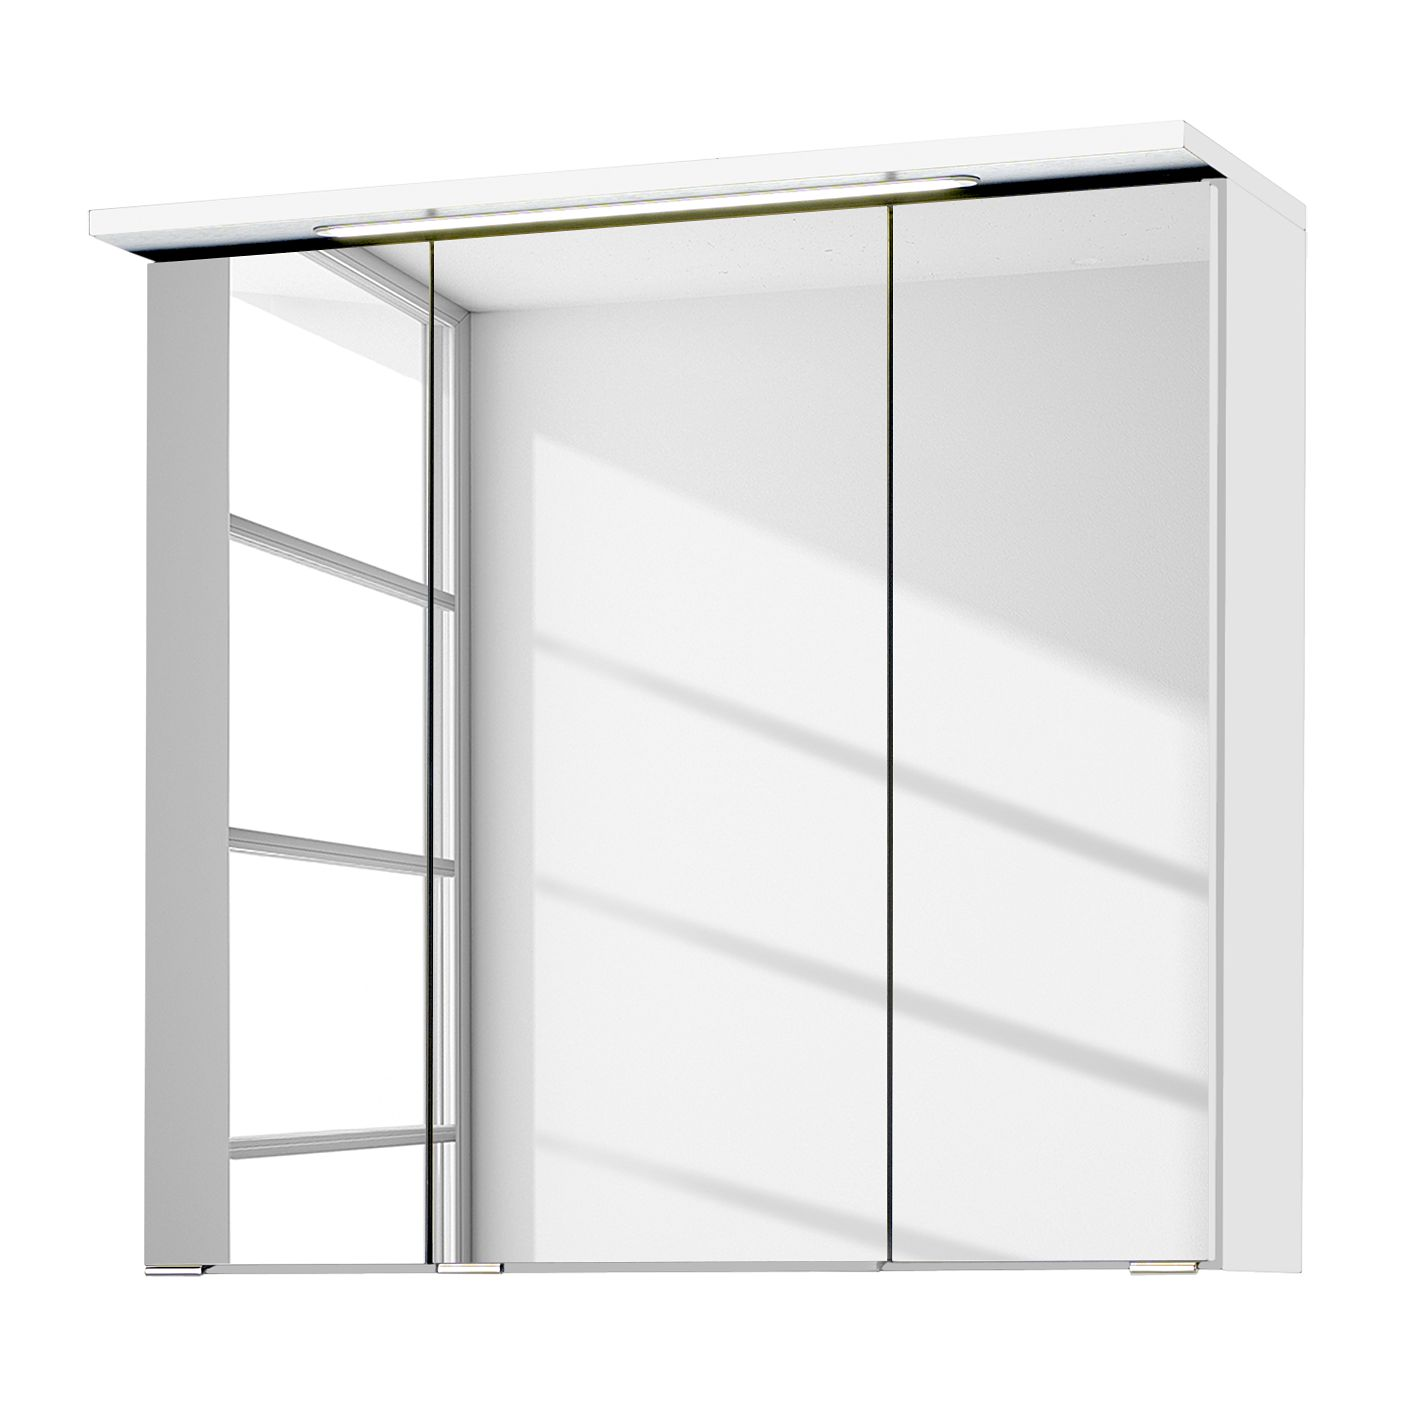 Armadietto a specchio Zeehan - Bianco - 70 cm, Fredriks